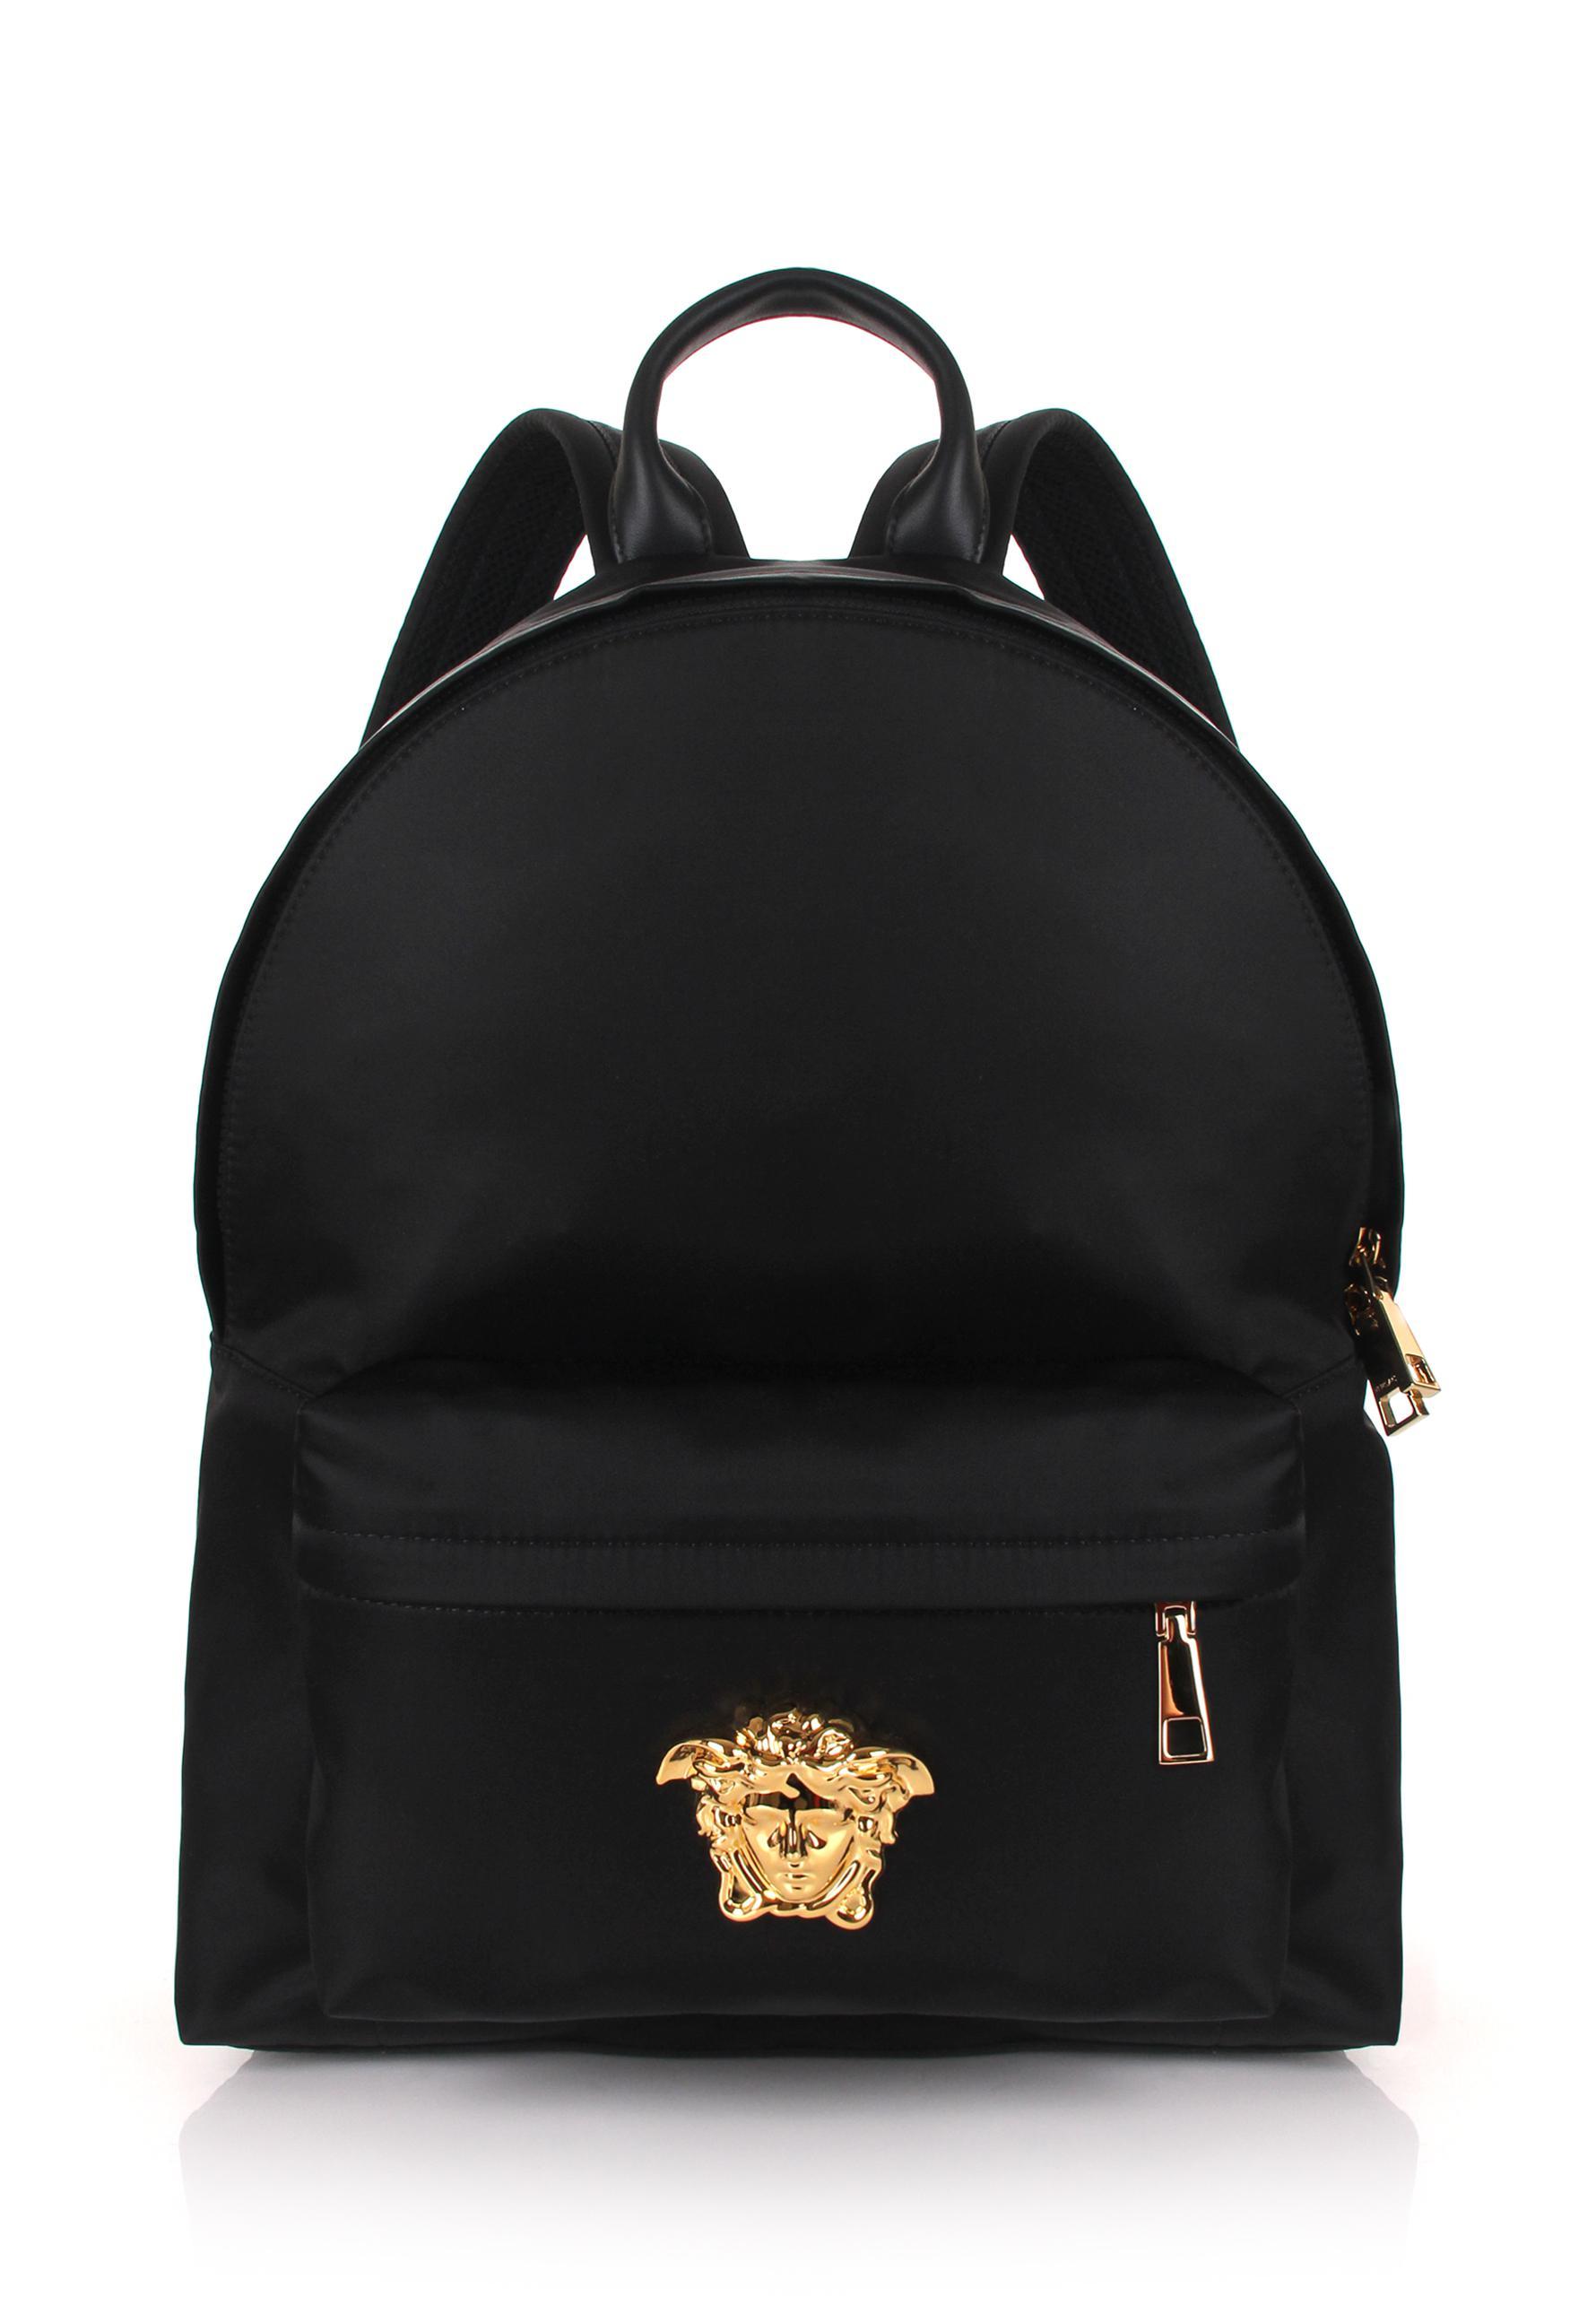 VERSACE Small nylon backpack 2sQ5jC6Pjl